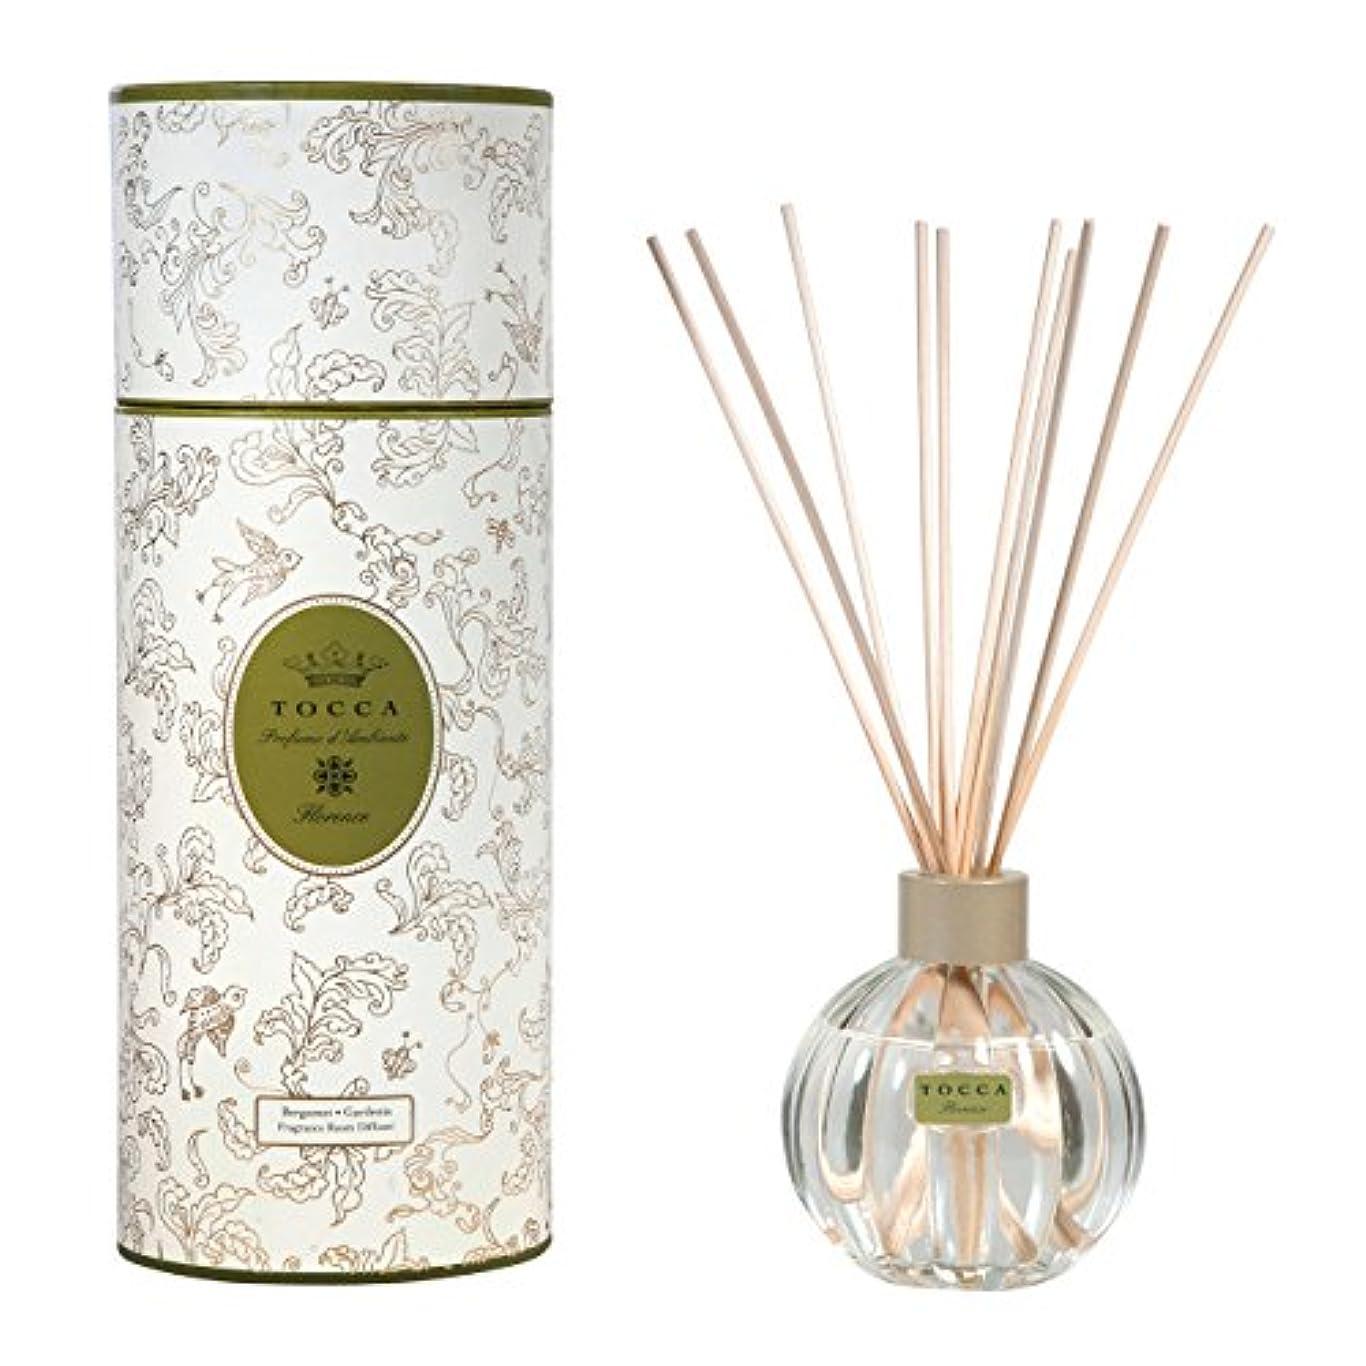 メタルラインソケット租界トッカ(TOCCA) リードディフューザー フローレンスの香り 175ml 3~4ヶ月持続(芳香剤 ルームフレグランス ガーデニアとベルガモットが誘うように溶け合うどこまでも上品なフローラルの香り)